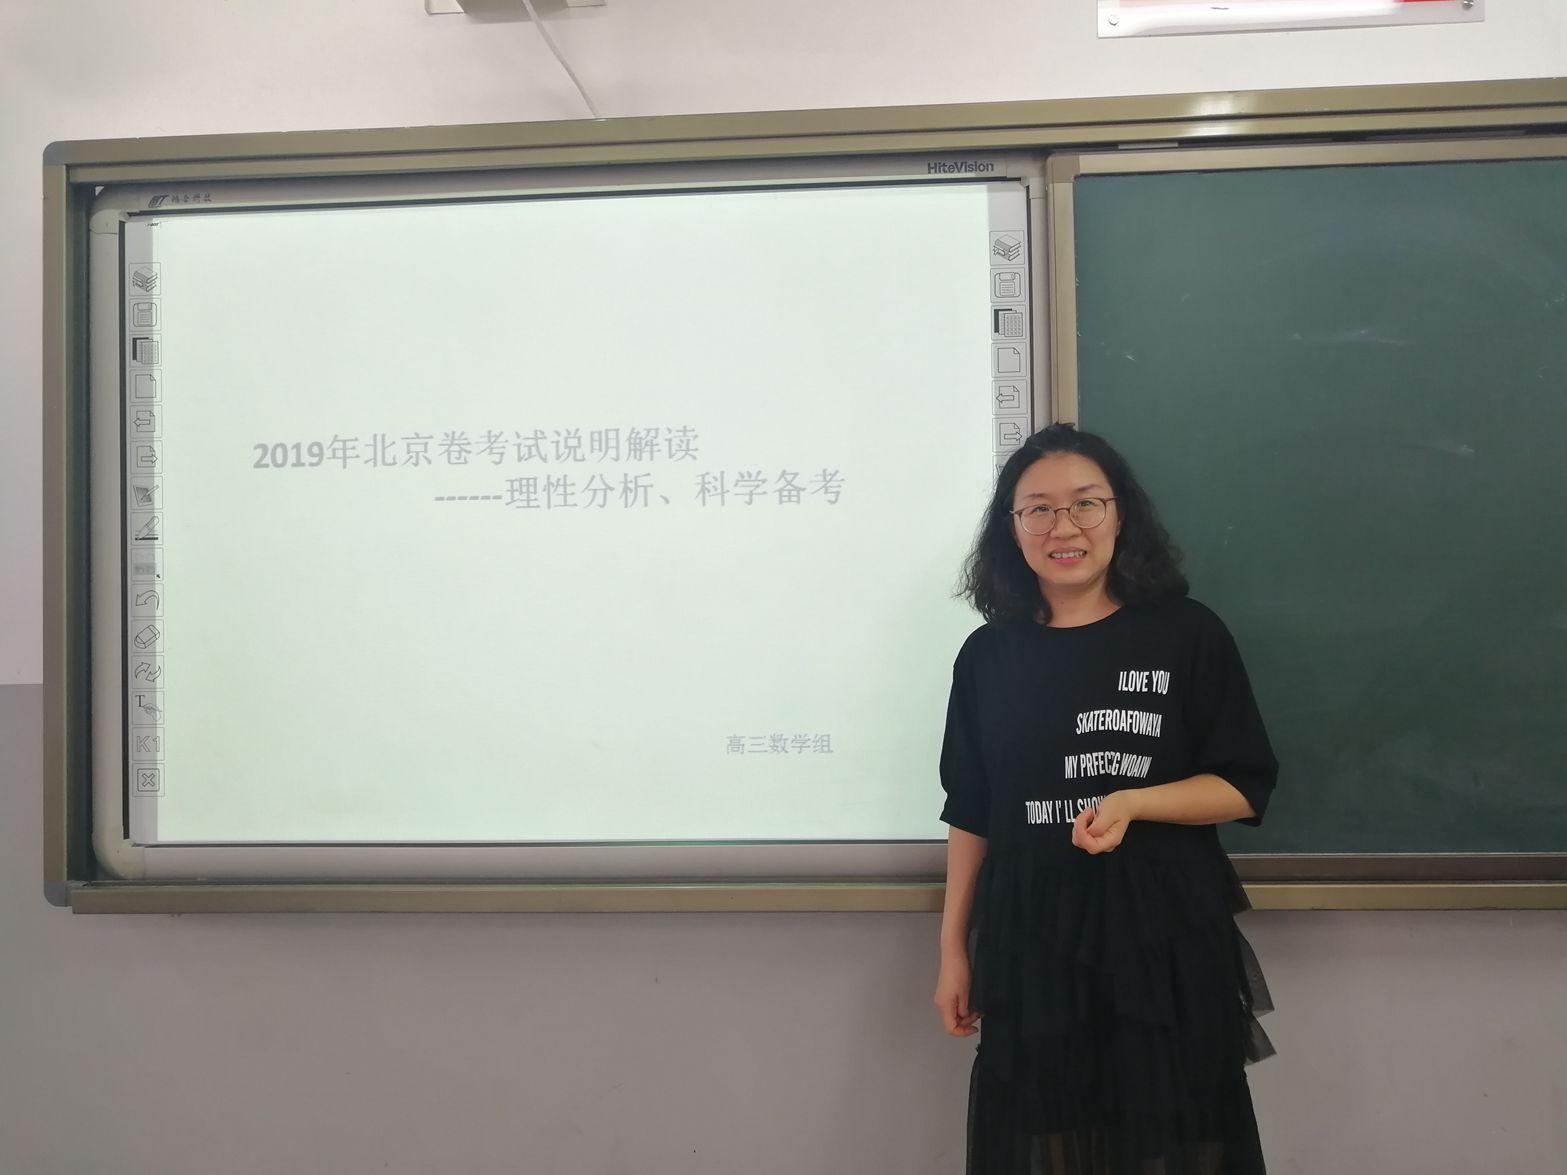 数学组杨冬梅老师解读考试说明.jpg